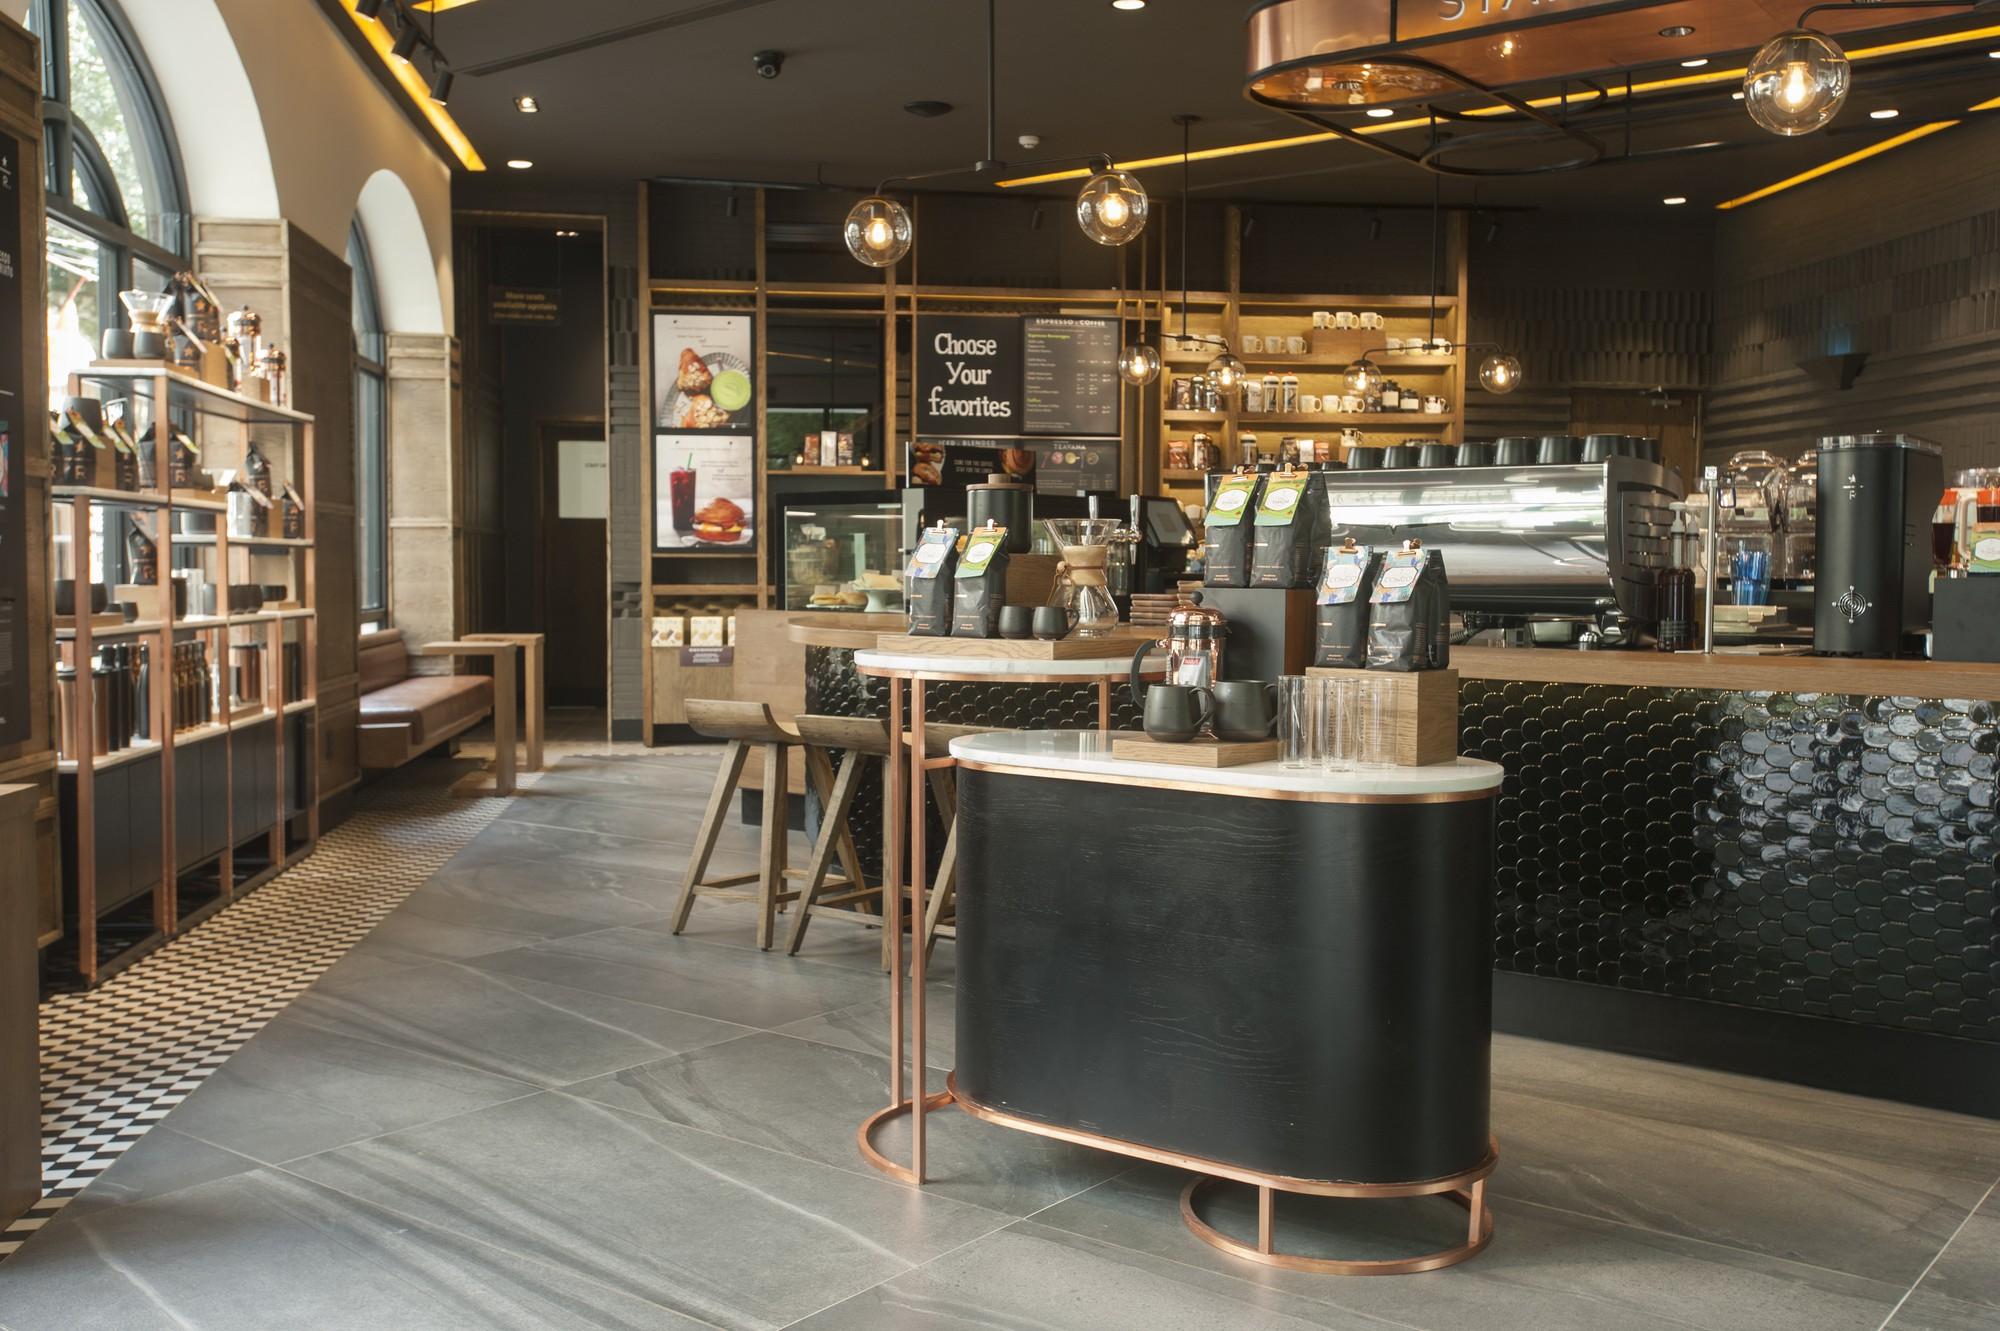 Khách mất Macbook gần 40 triệu tại cửa hàng Starbucks ở Sài Gòn, Giám đốc truyền thông lên tiếng: Chúng tôi không cố tình bao che kẻ trộm - Ảnh 3.